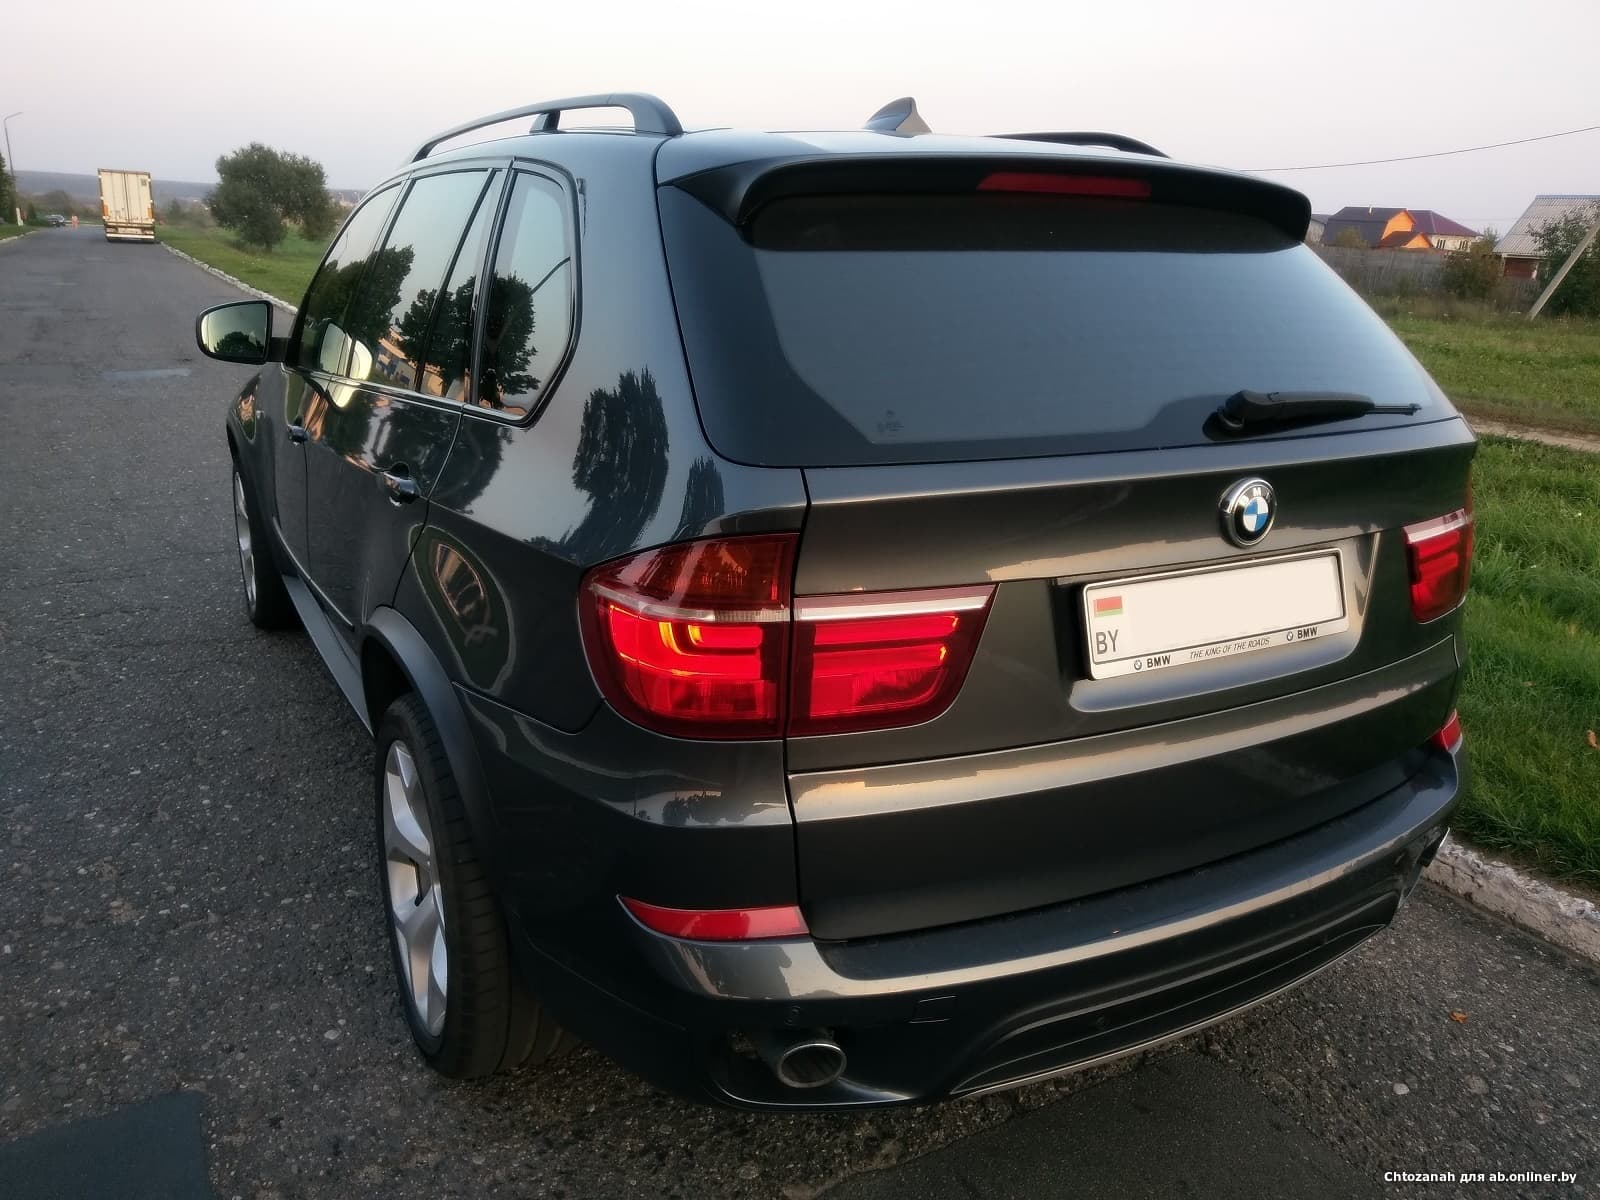 BMW X5 40dX